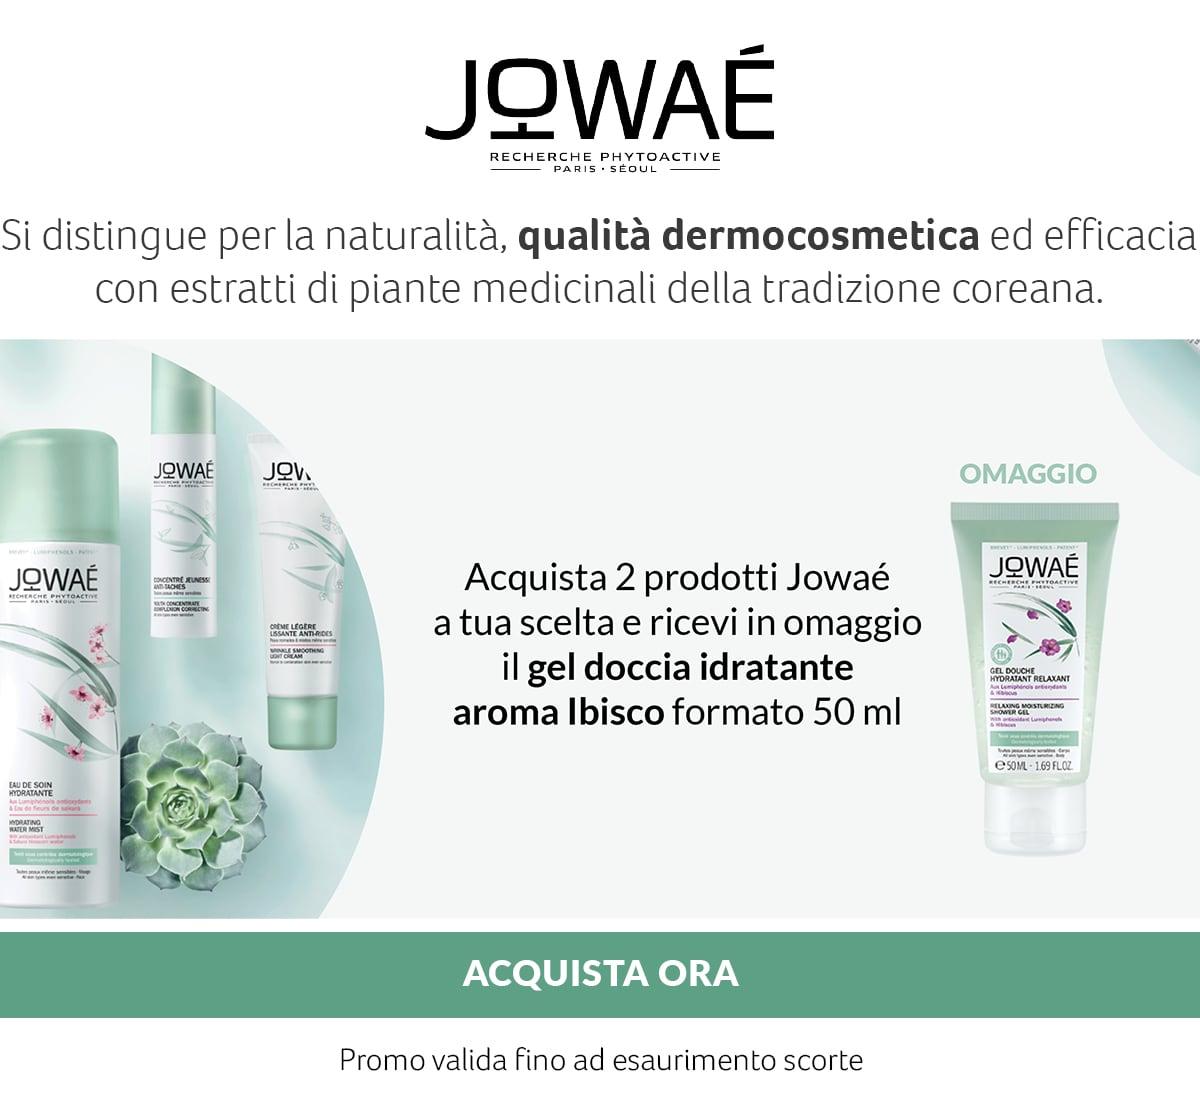 Jowaé. IN OMAGGIO Gel doccia idratante aroma Ibisco 50ml